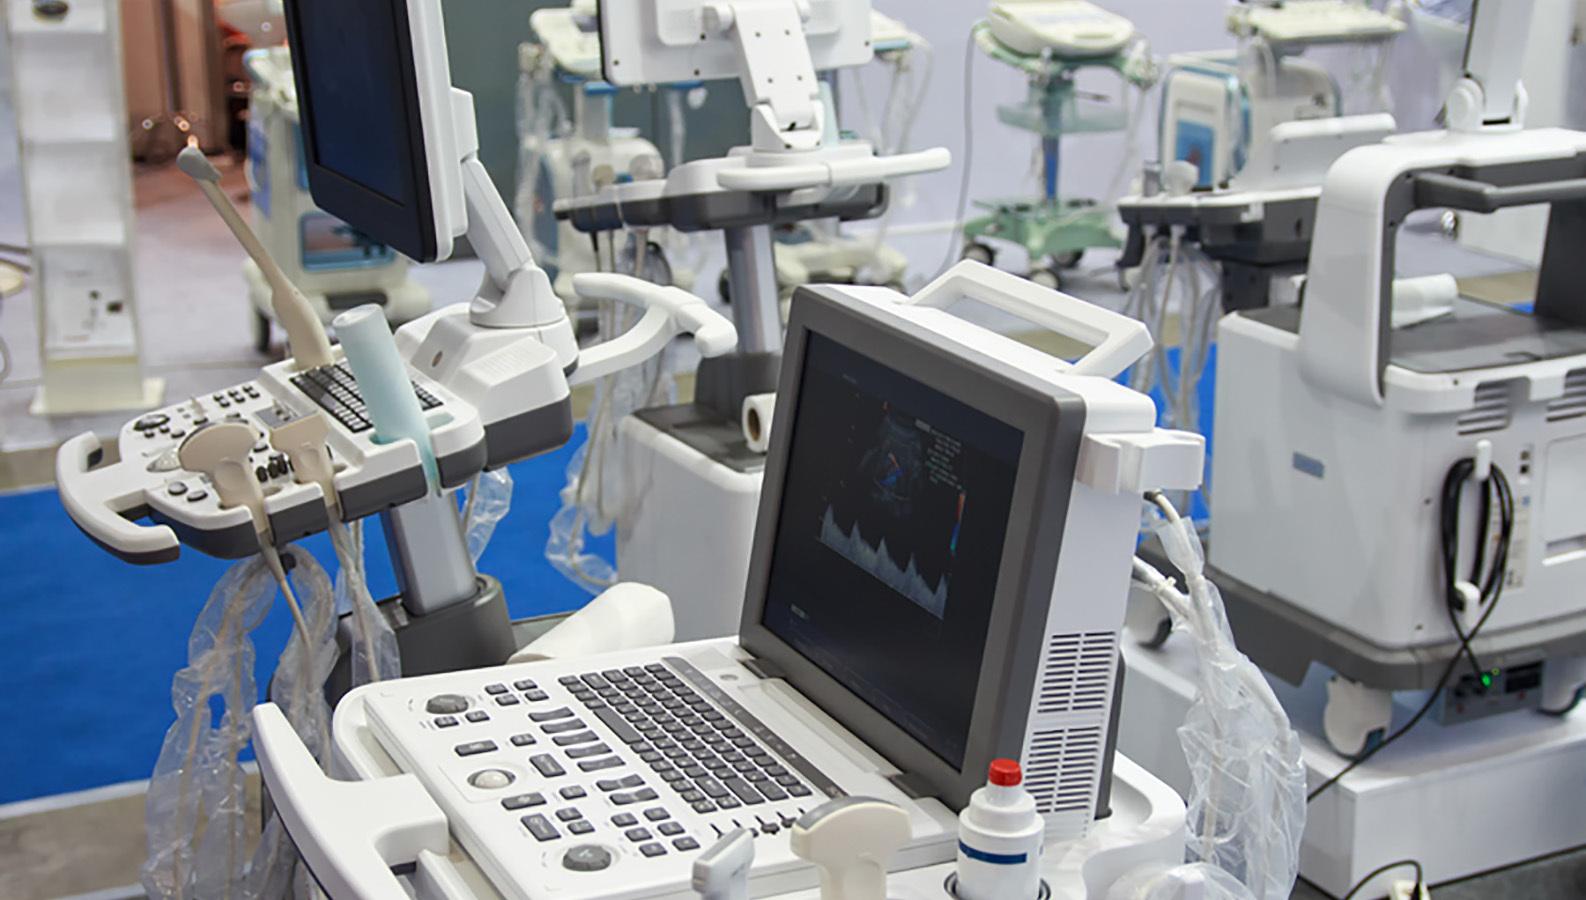 Количество IT-проектов в российской медицине растет